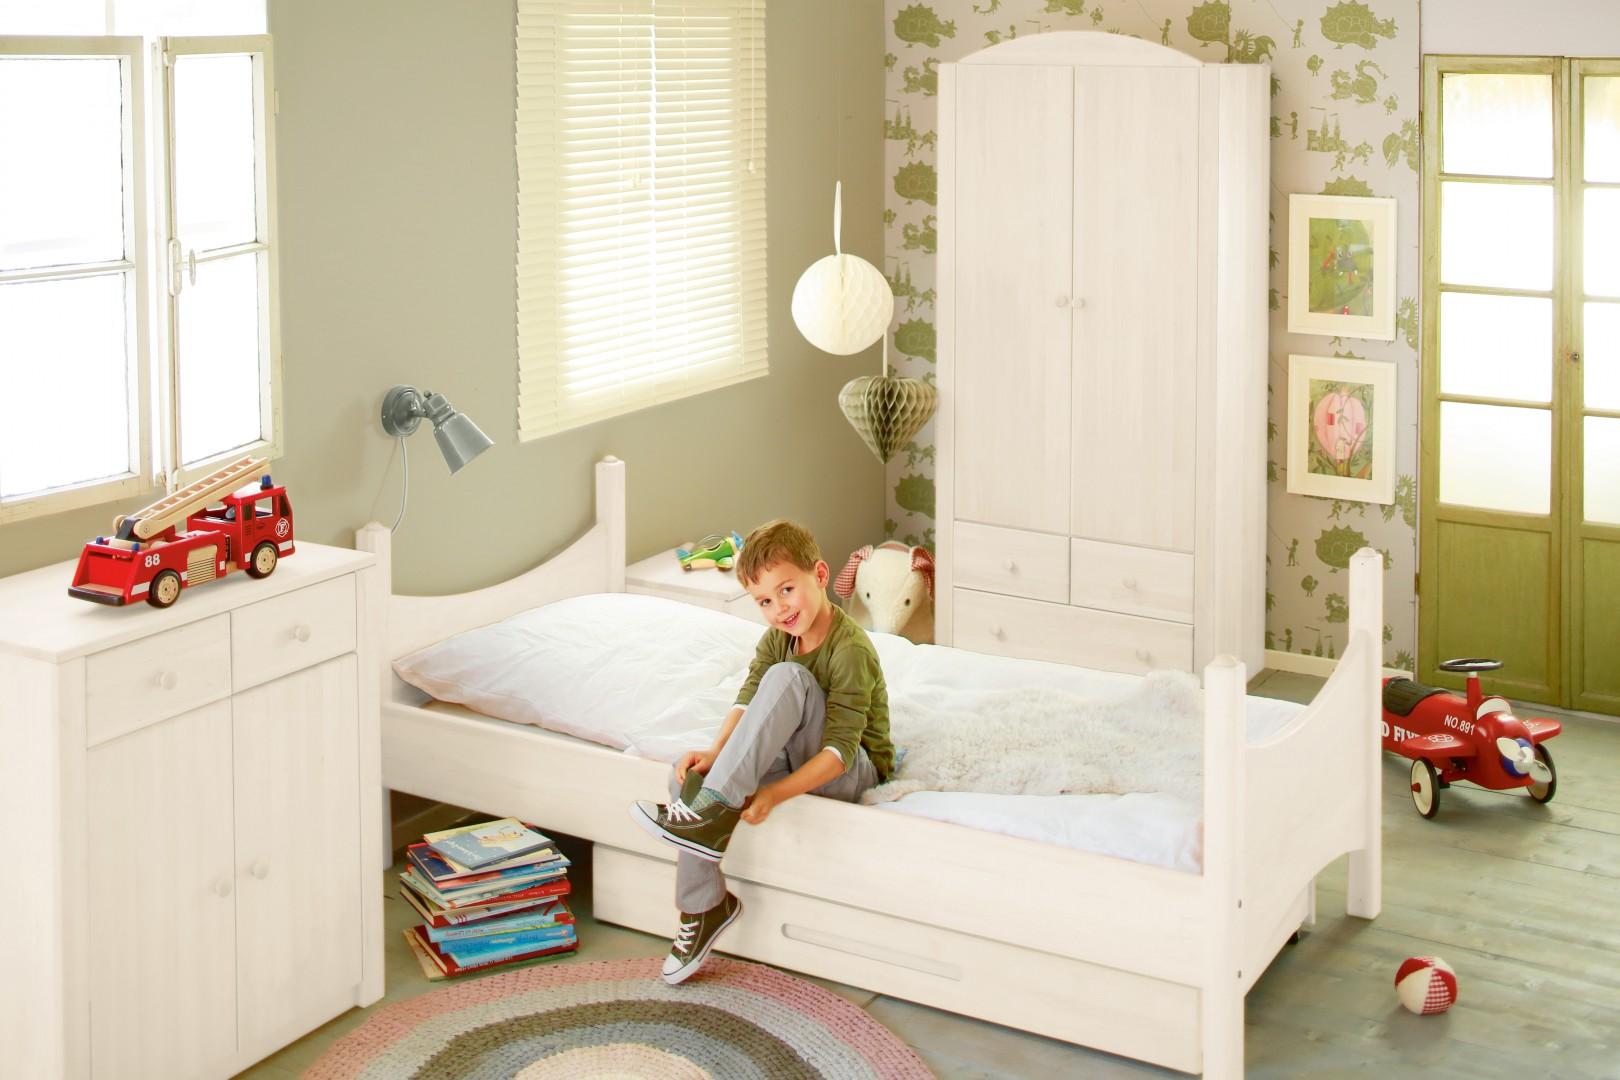 Full Size of Komplett Kinderzimmer Bioset Noah Wei Lasiert Schlafzimmer Weiß Günstige Regal Dusche Set Wohnzimmer Bett 160x200 Guenstig 180x200 Mit Lattenrost Und Kinderzimmer Komplett Kinderzimmer